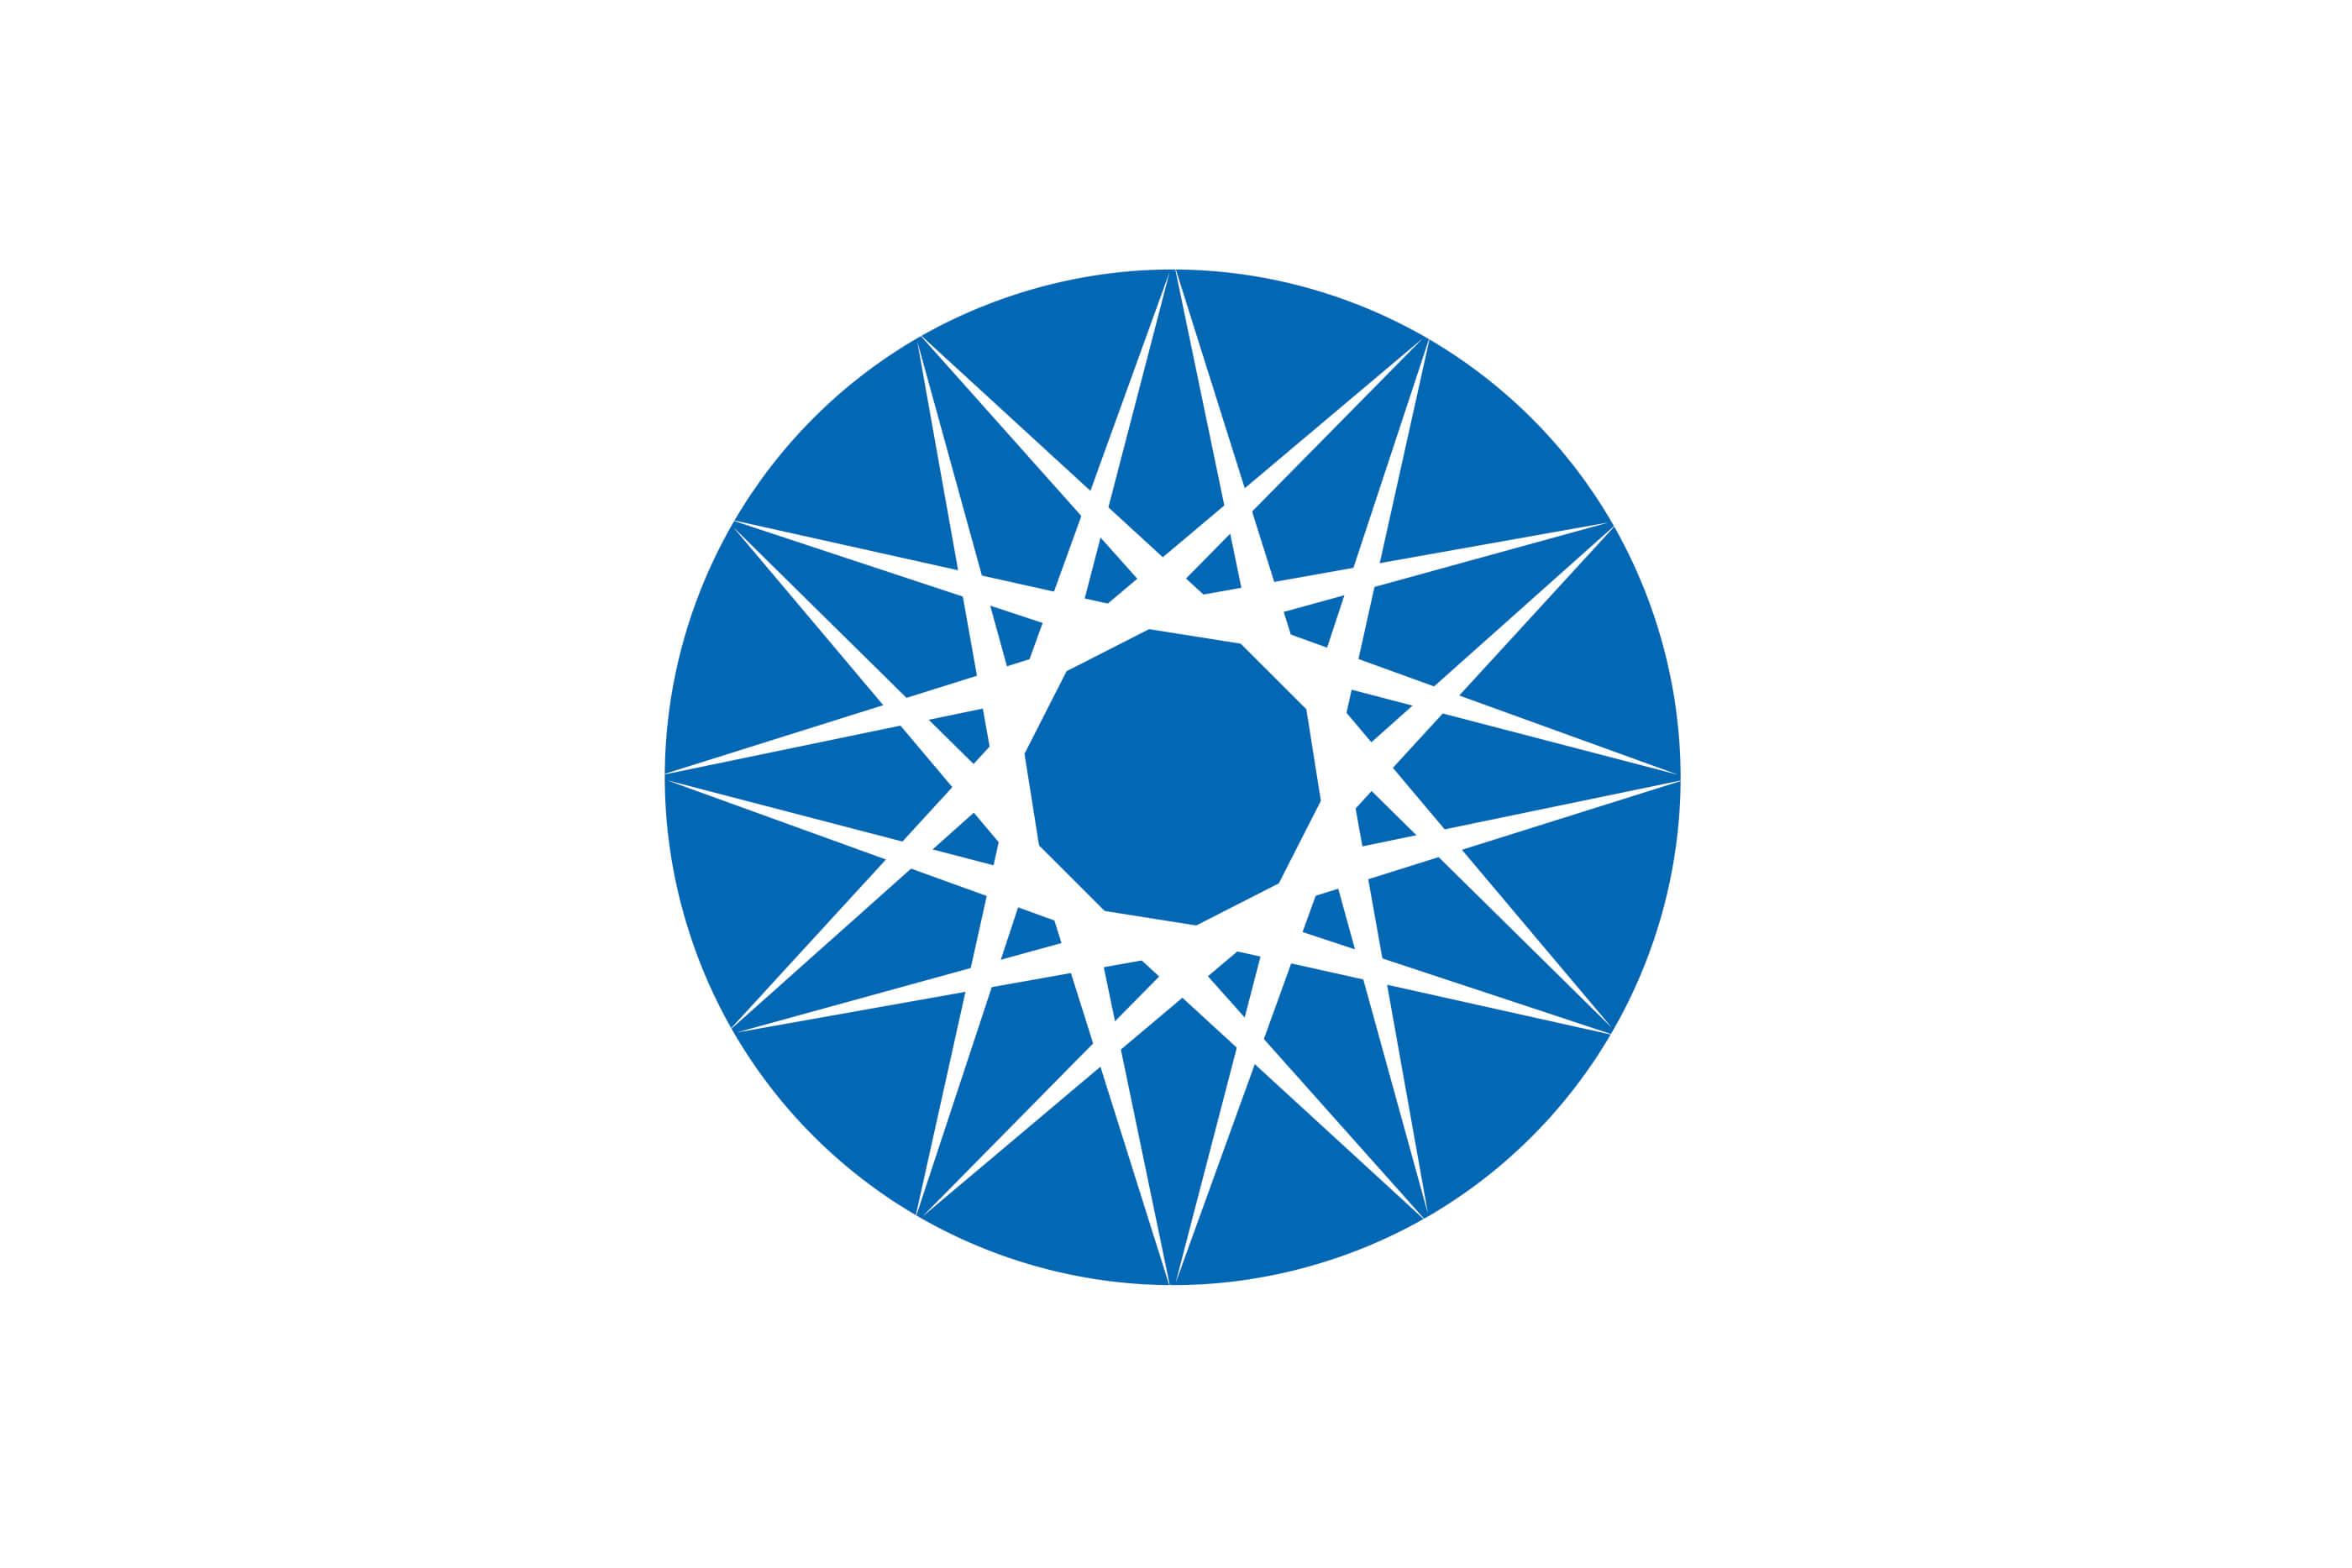 kdc_symbol